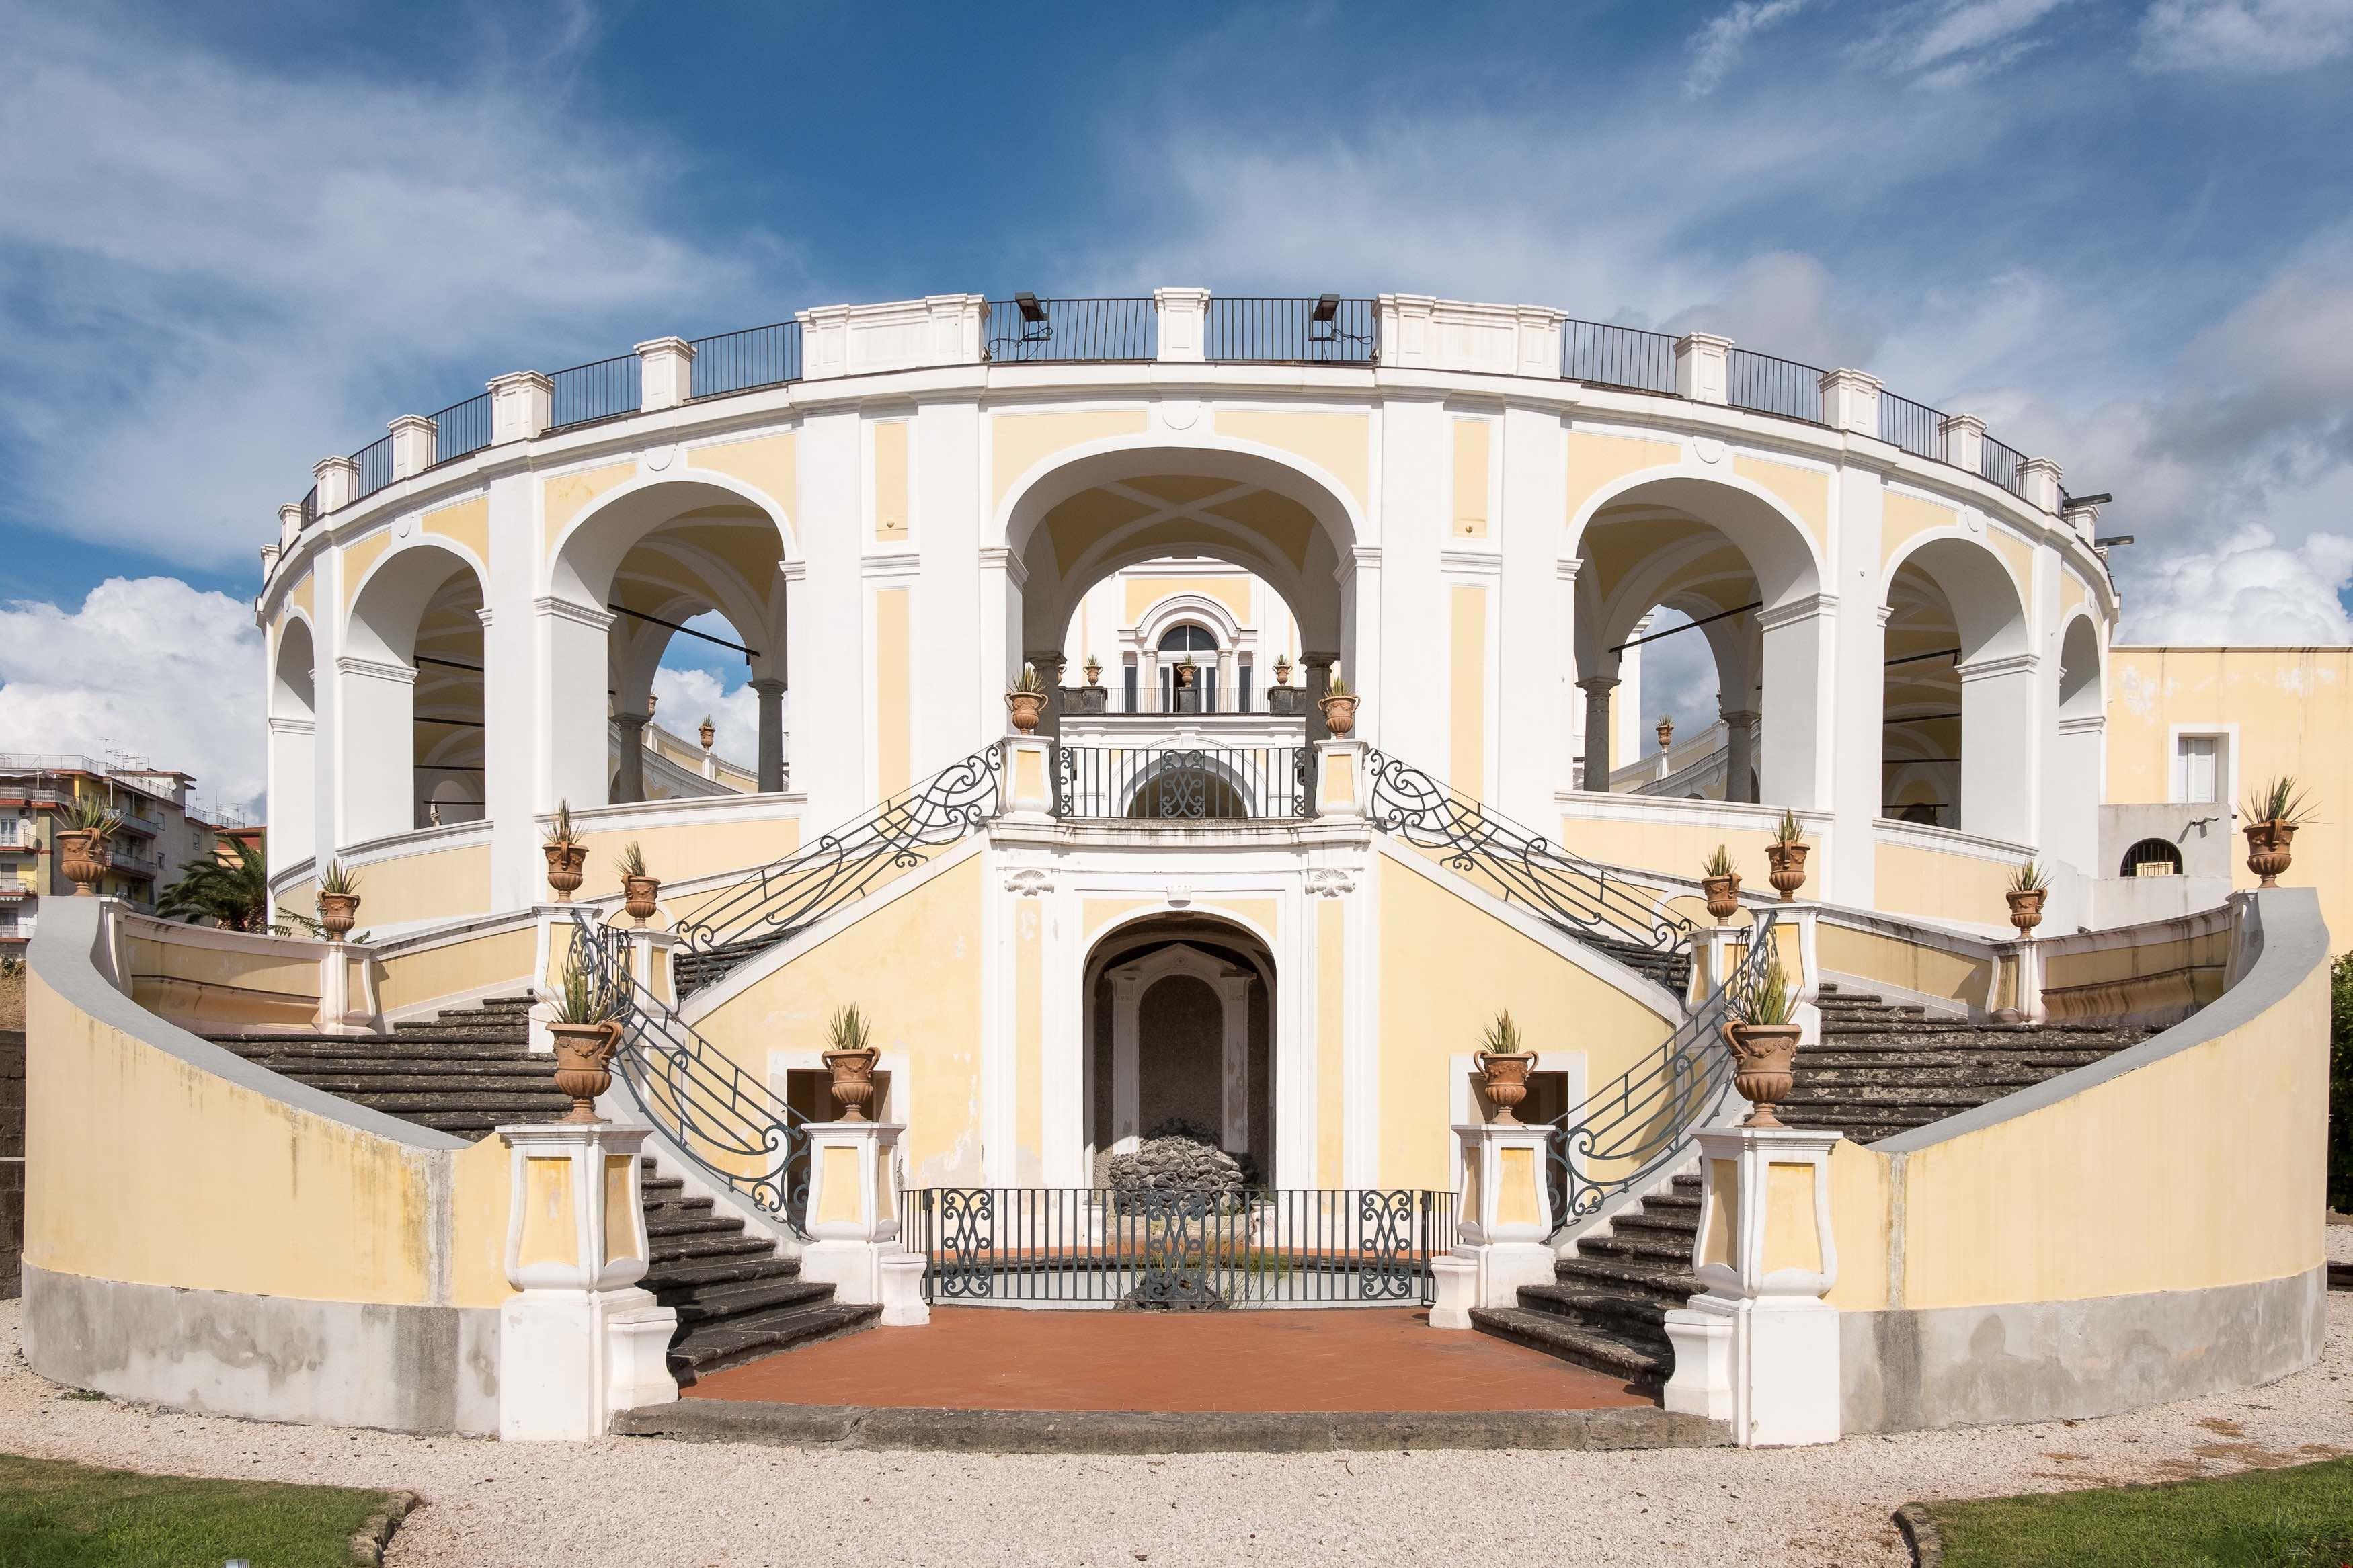 NAPOLI ERCOLANO Villa Campolieto